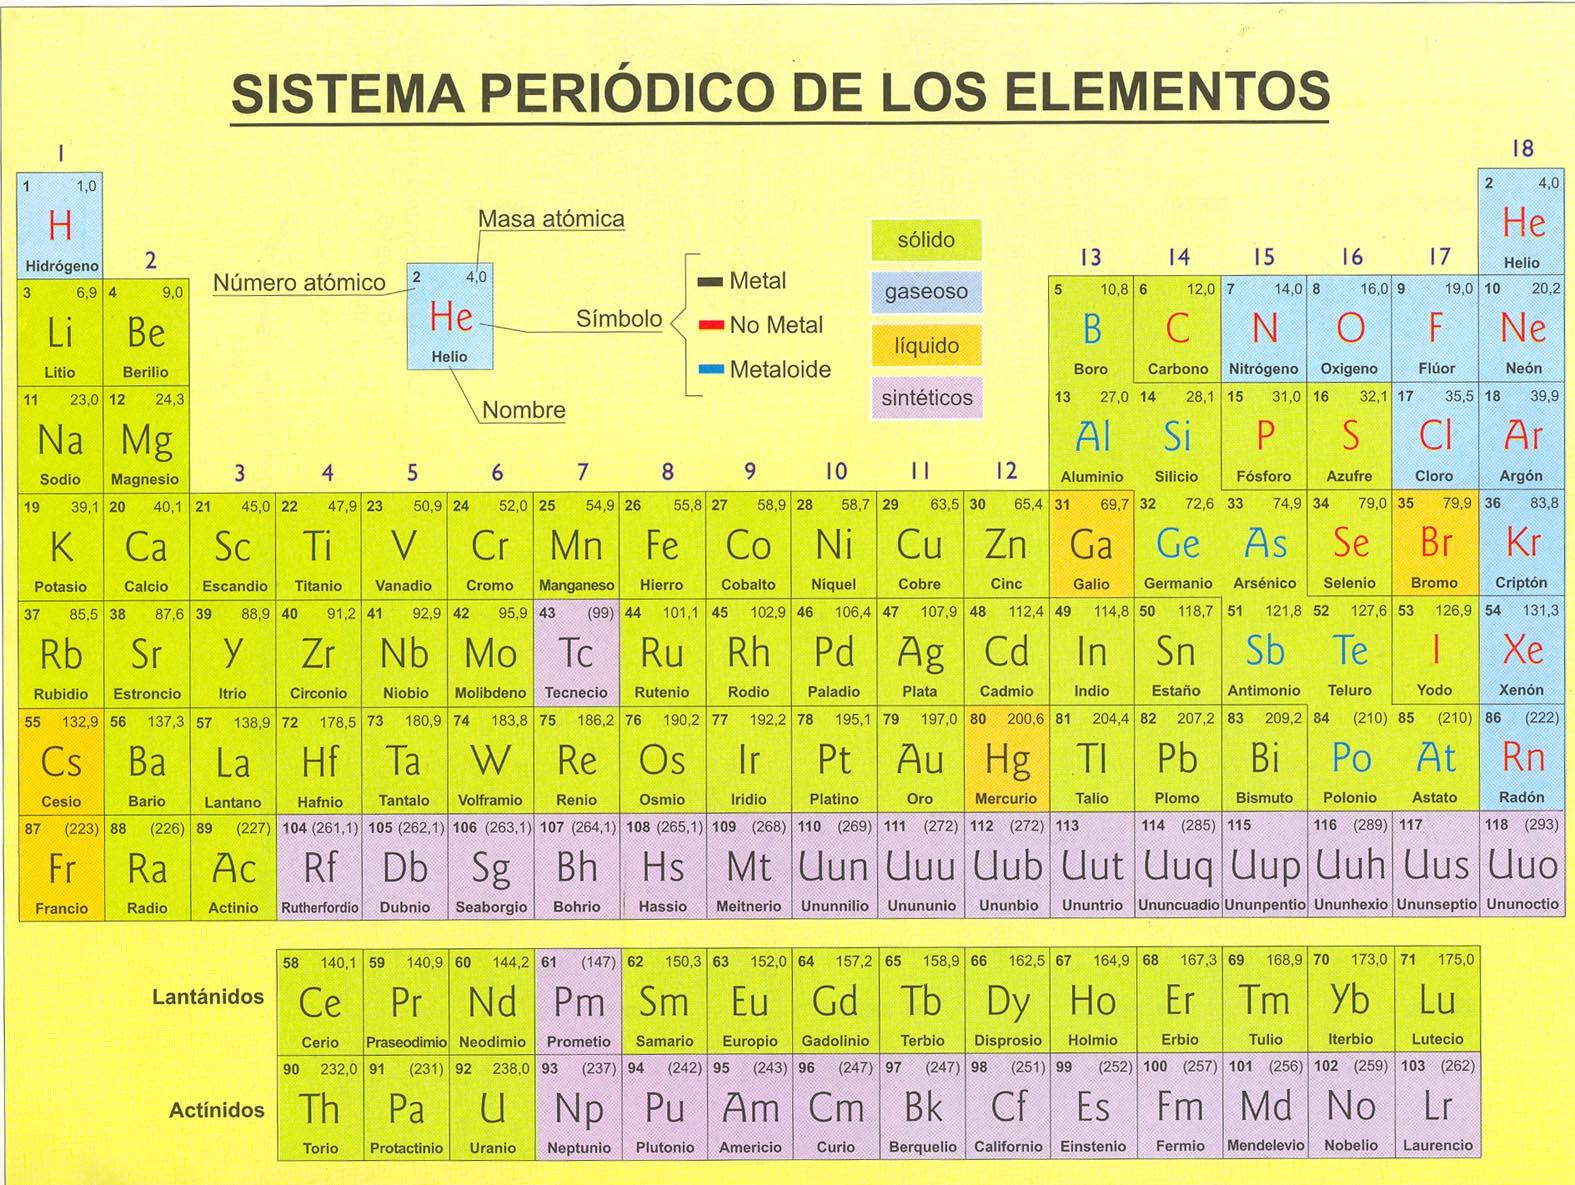 Tabla peridica de los elementos qumicos raiz cuadrada tabla peridica urtaz Gallery